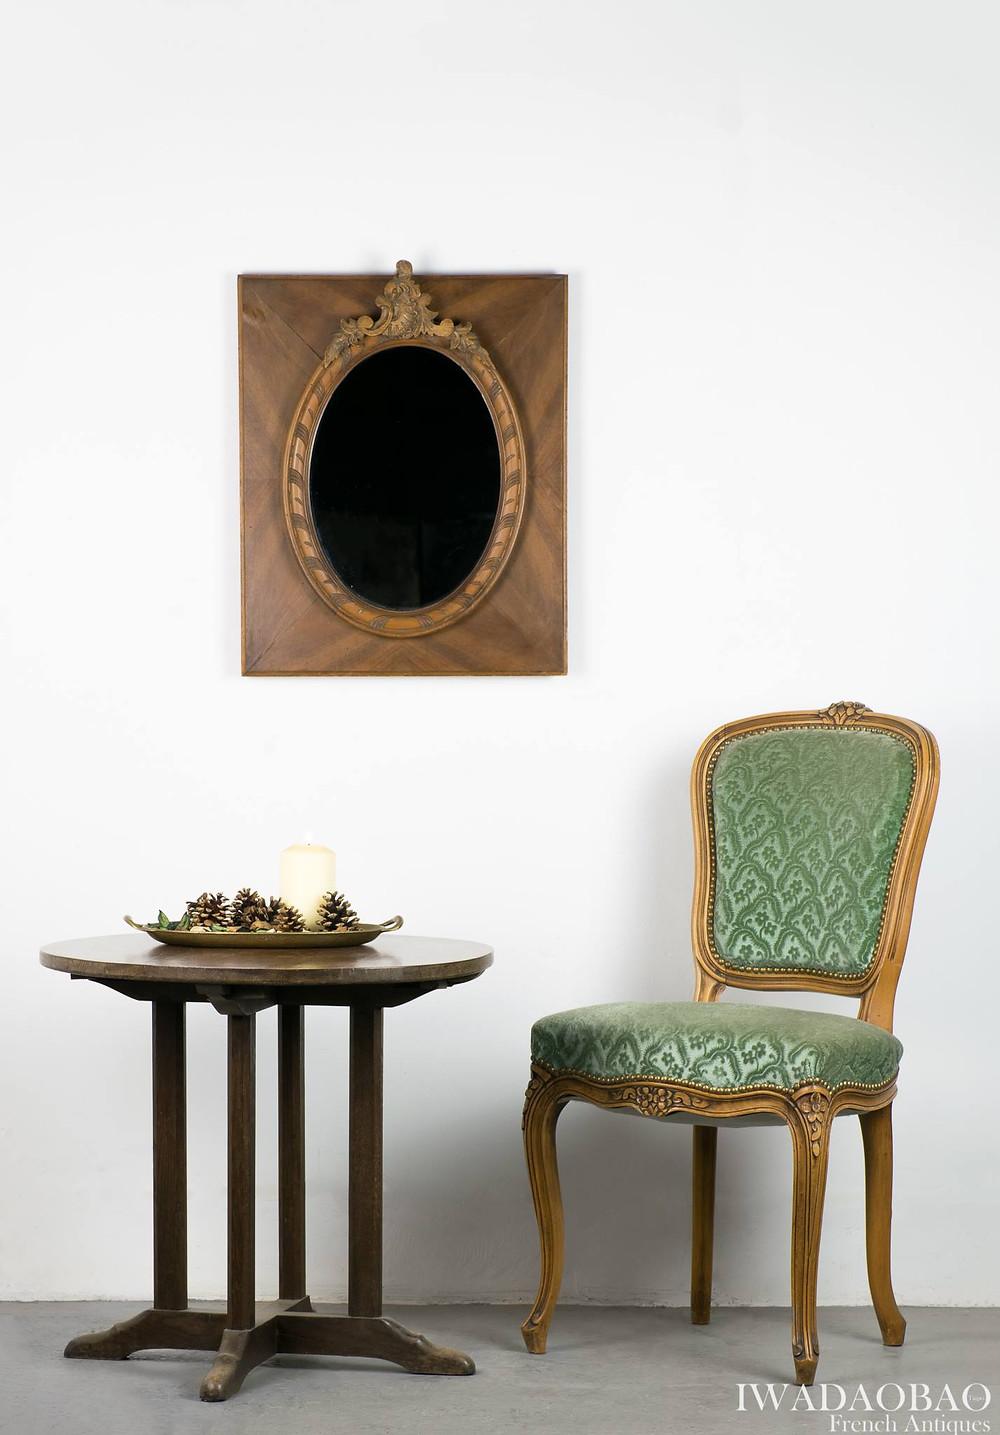 法國 Louis XV 橡木古董鏡